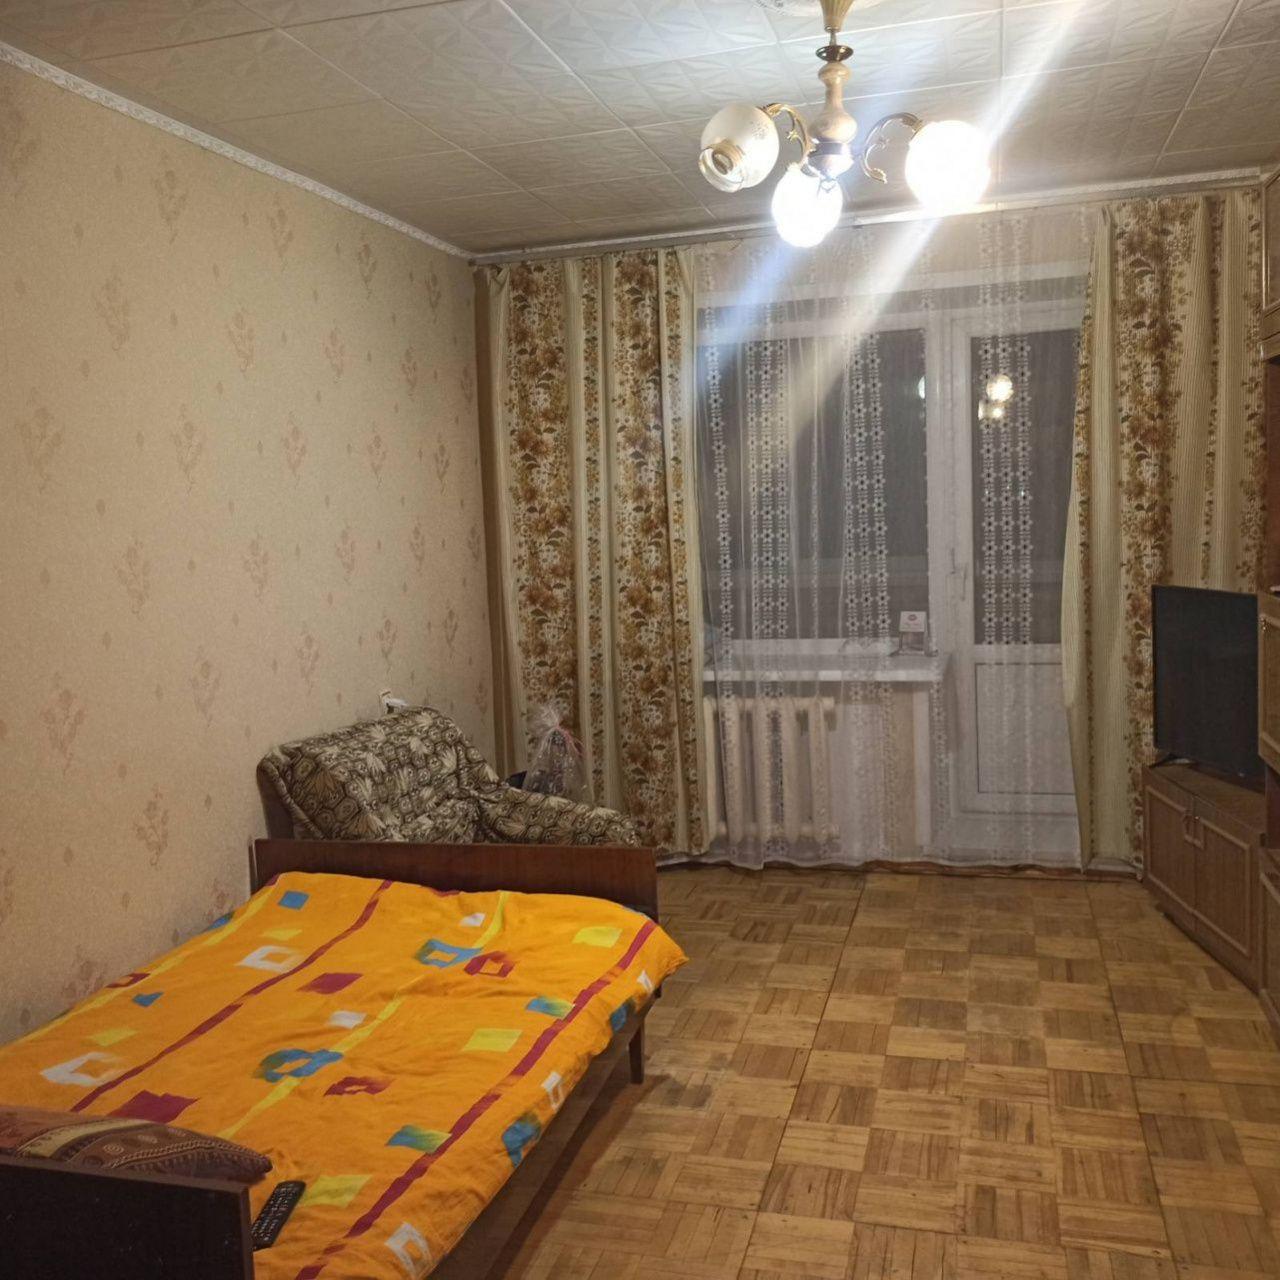 г. Владимир, Добросельская ул., 189, 1-к. квартира в аренду